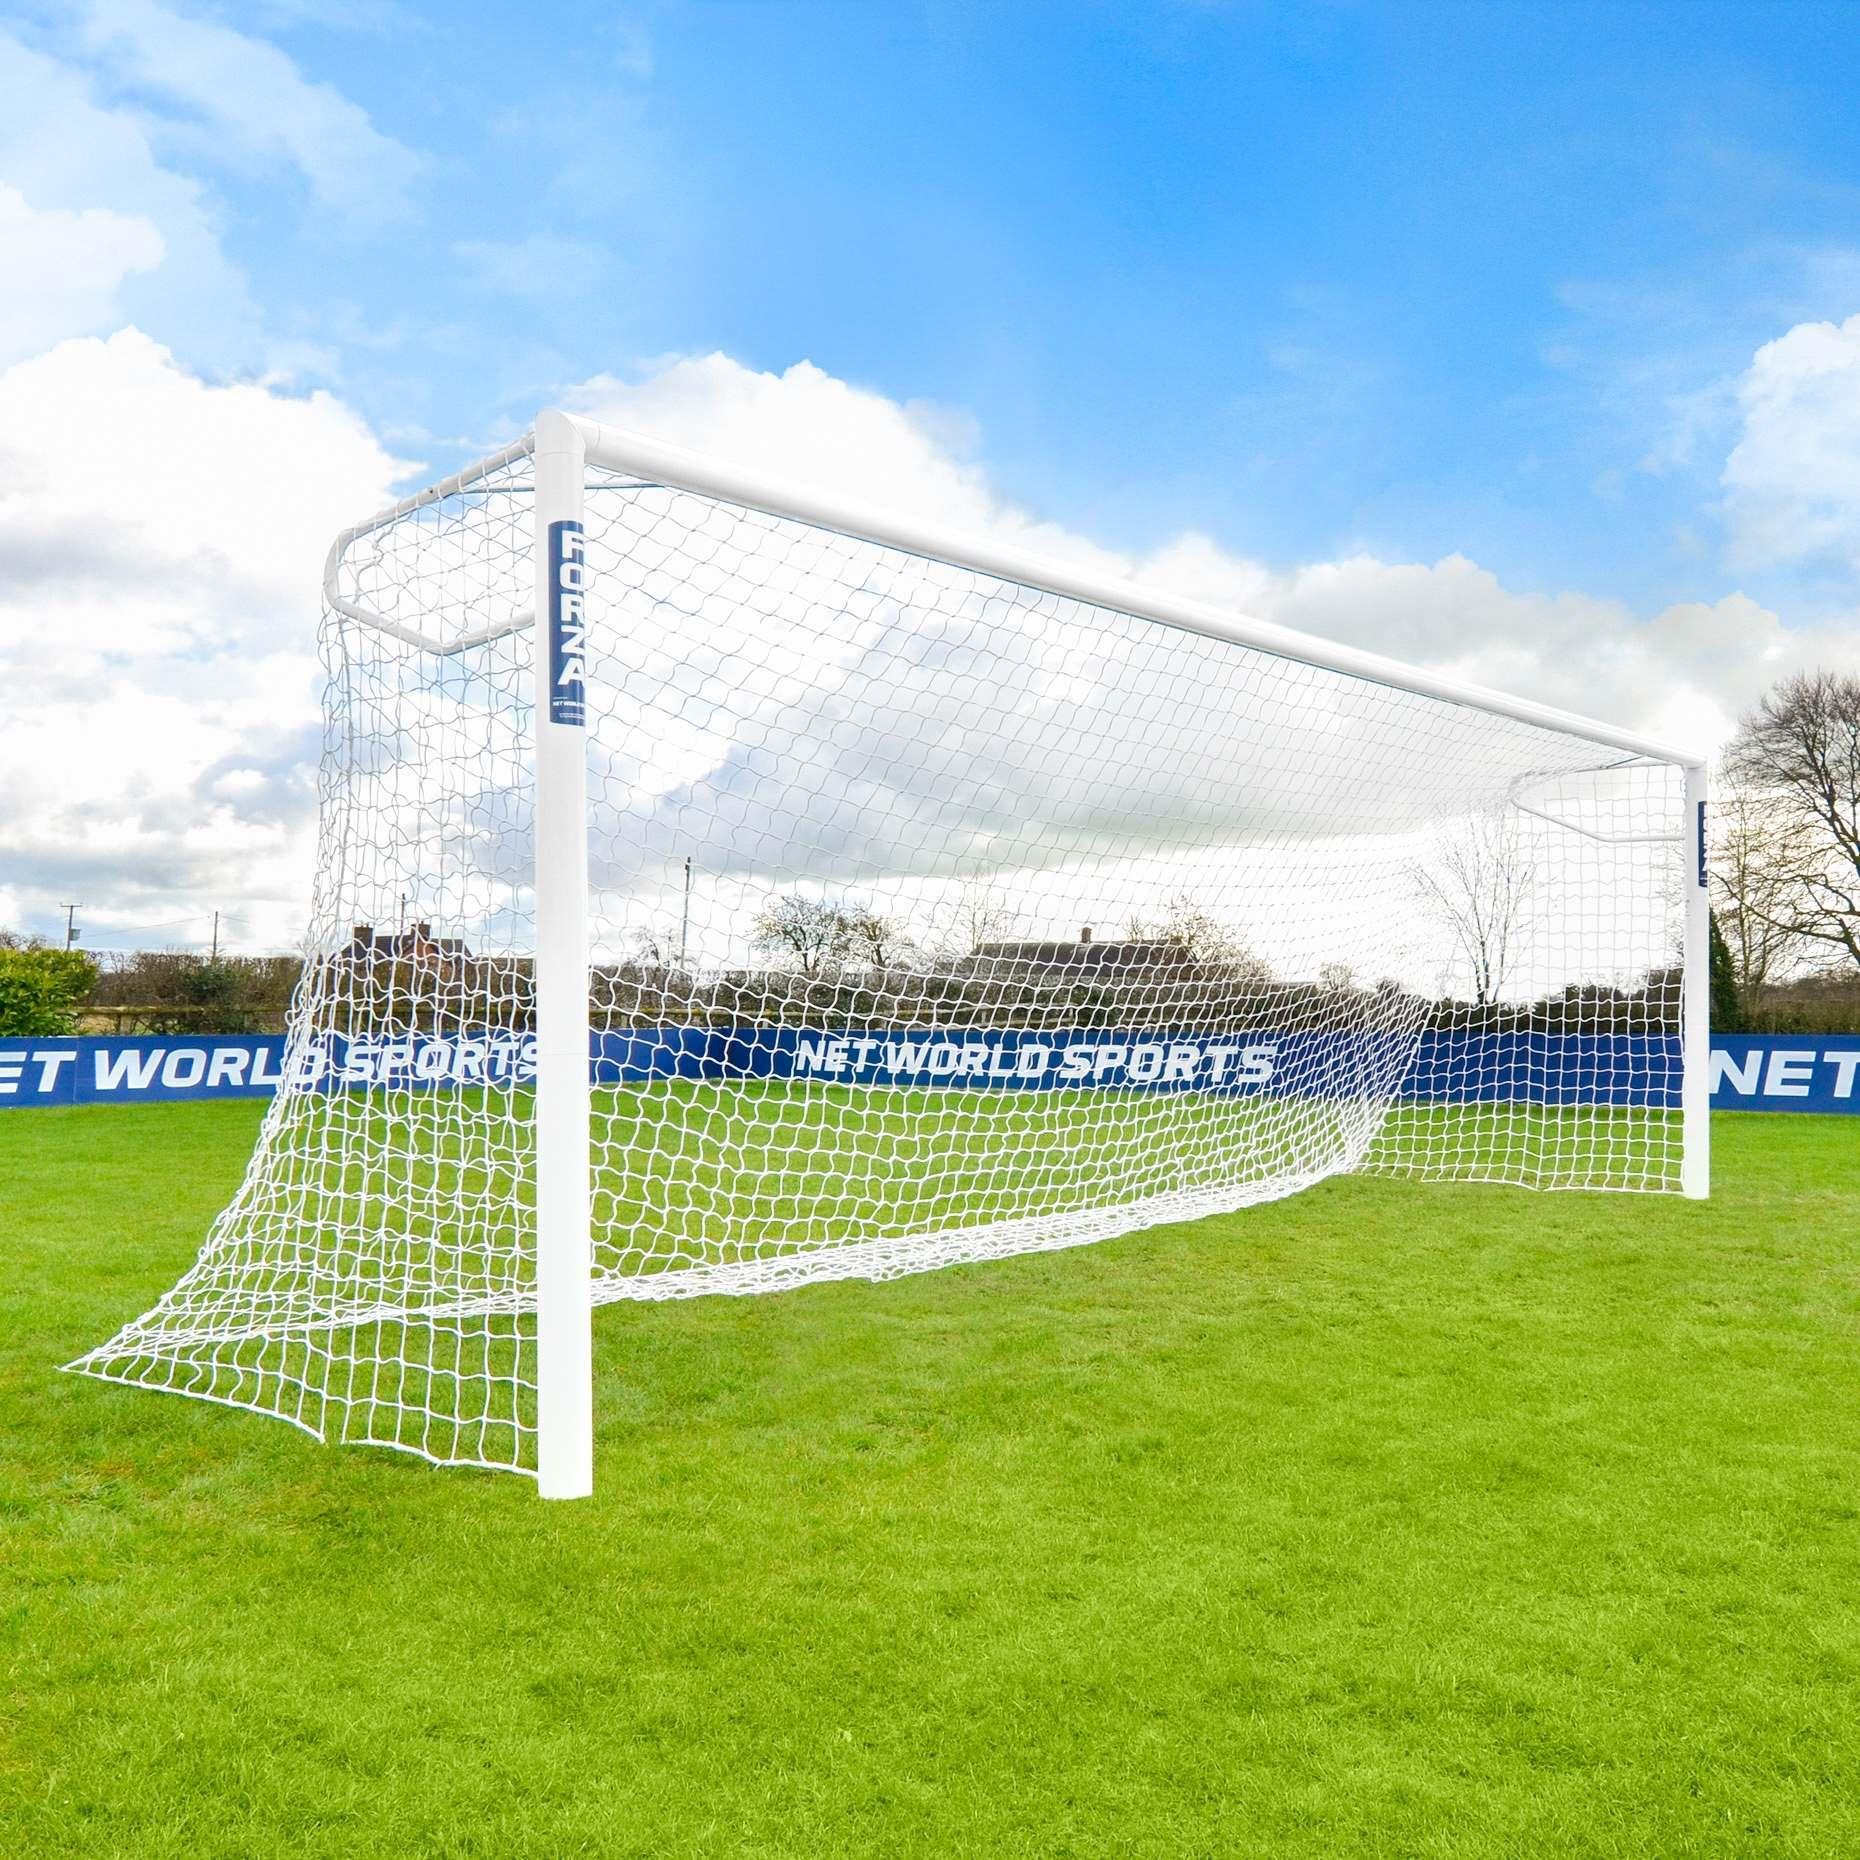 21 x 7 FORZA Alu110 Socketed Soccer Goal